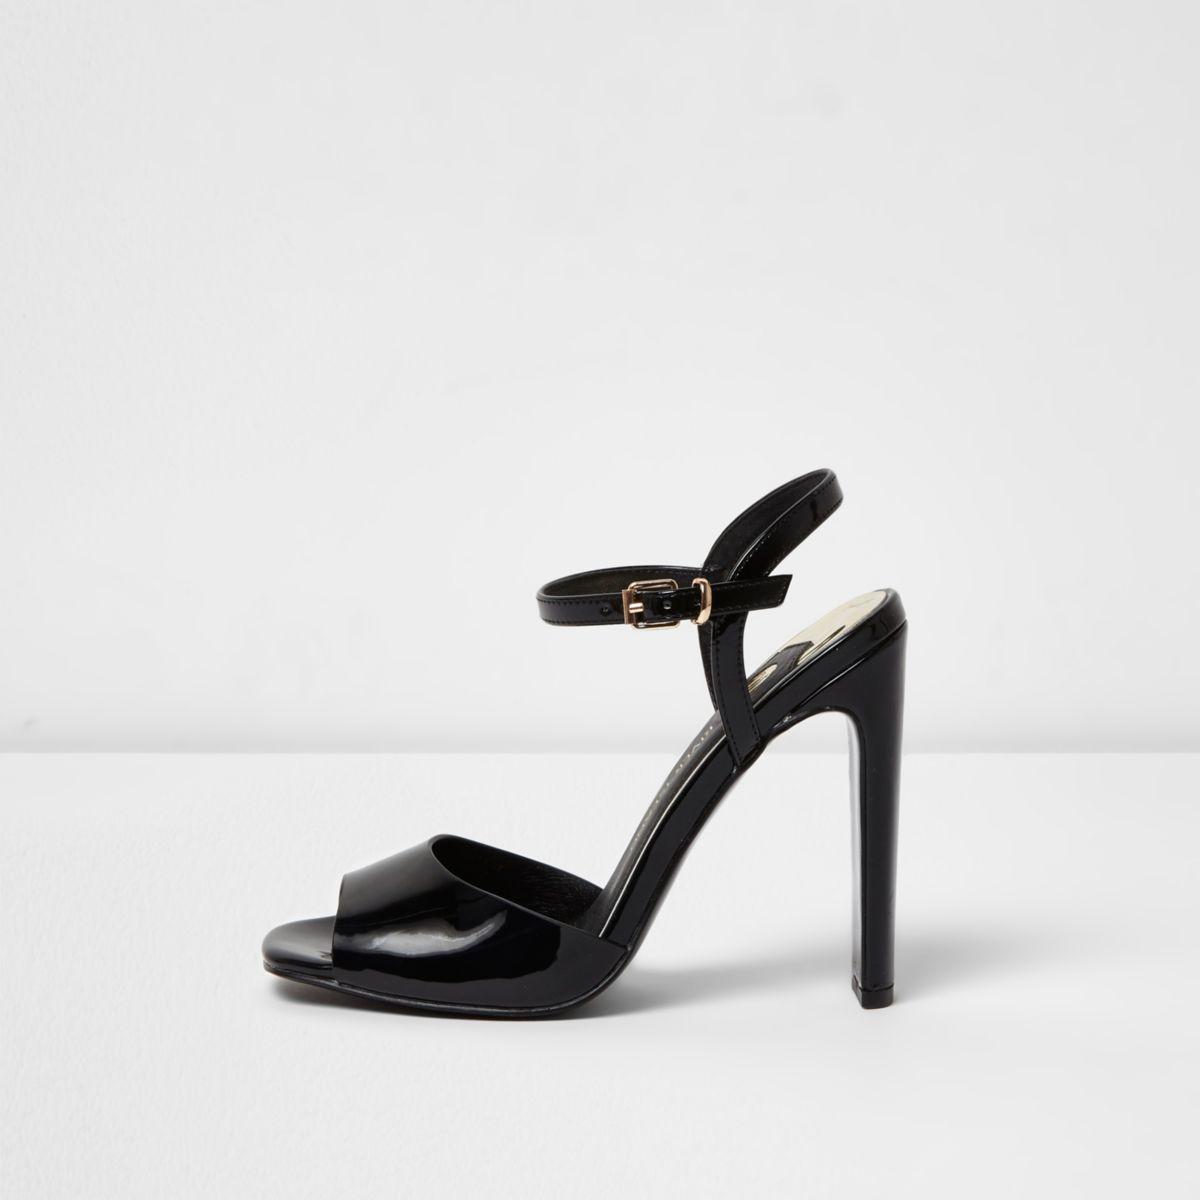 Black peep toe heeled sandals